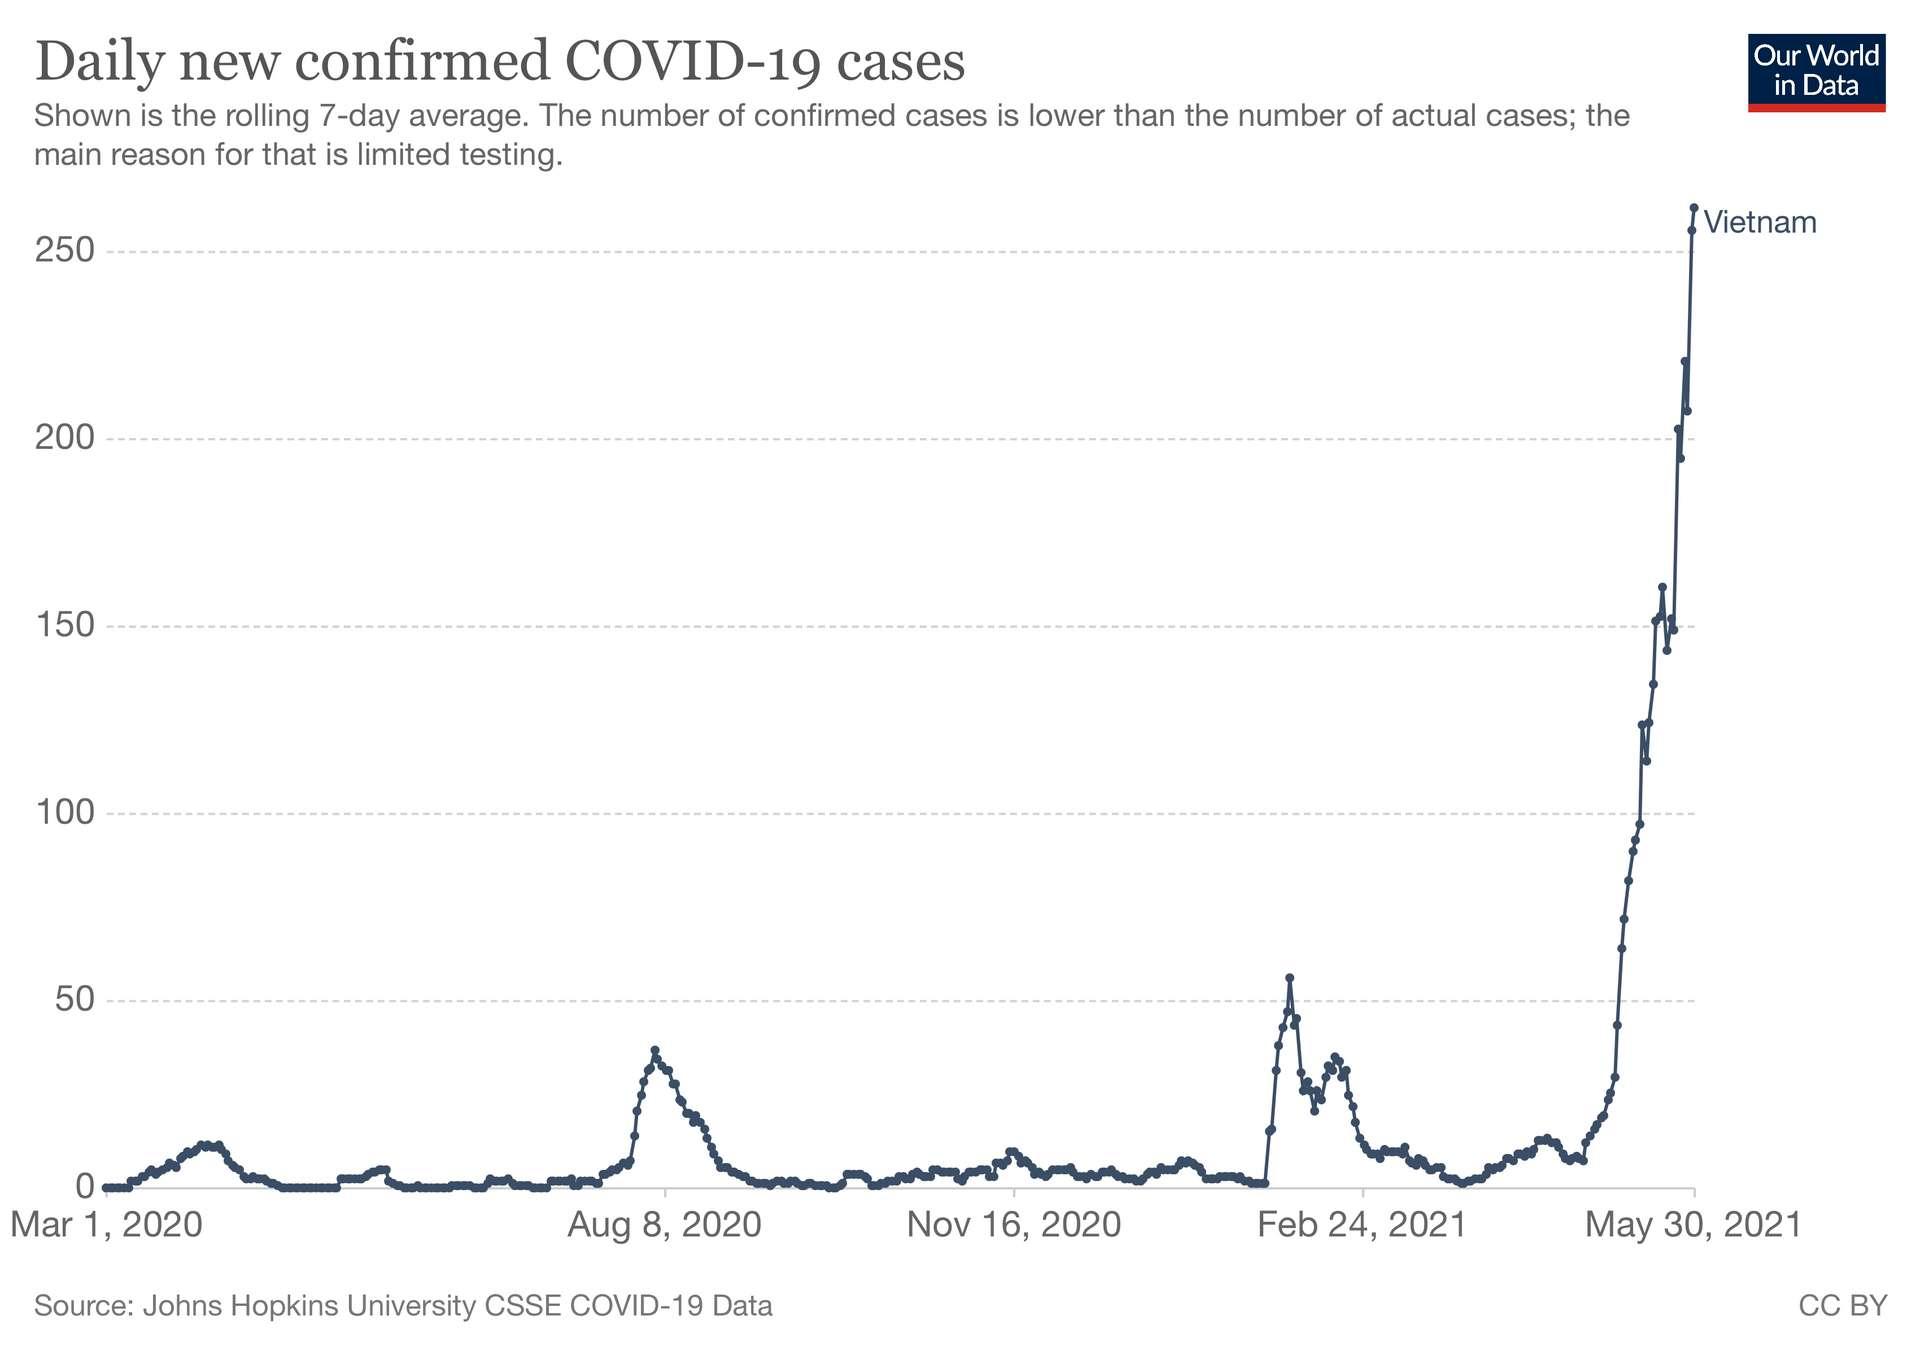 Nombre de cas quotidiens de Covid-19 au Vietnam. © Our World in Data